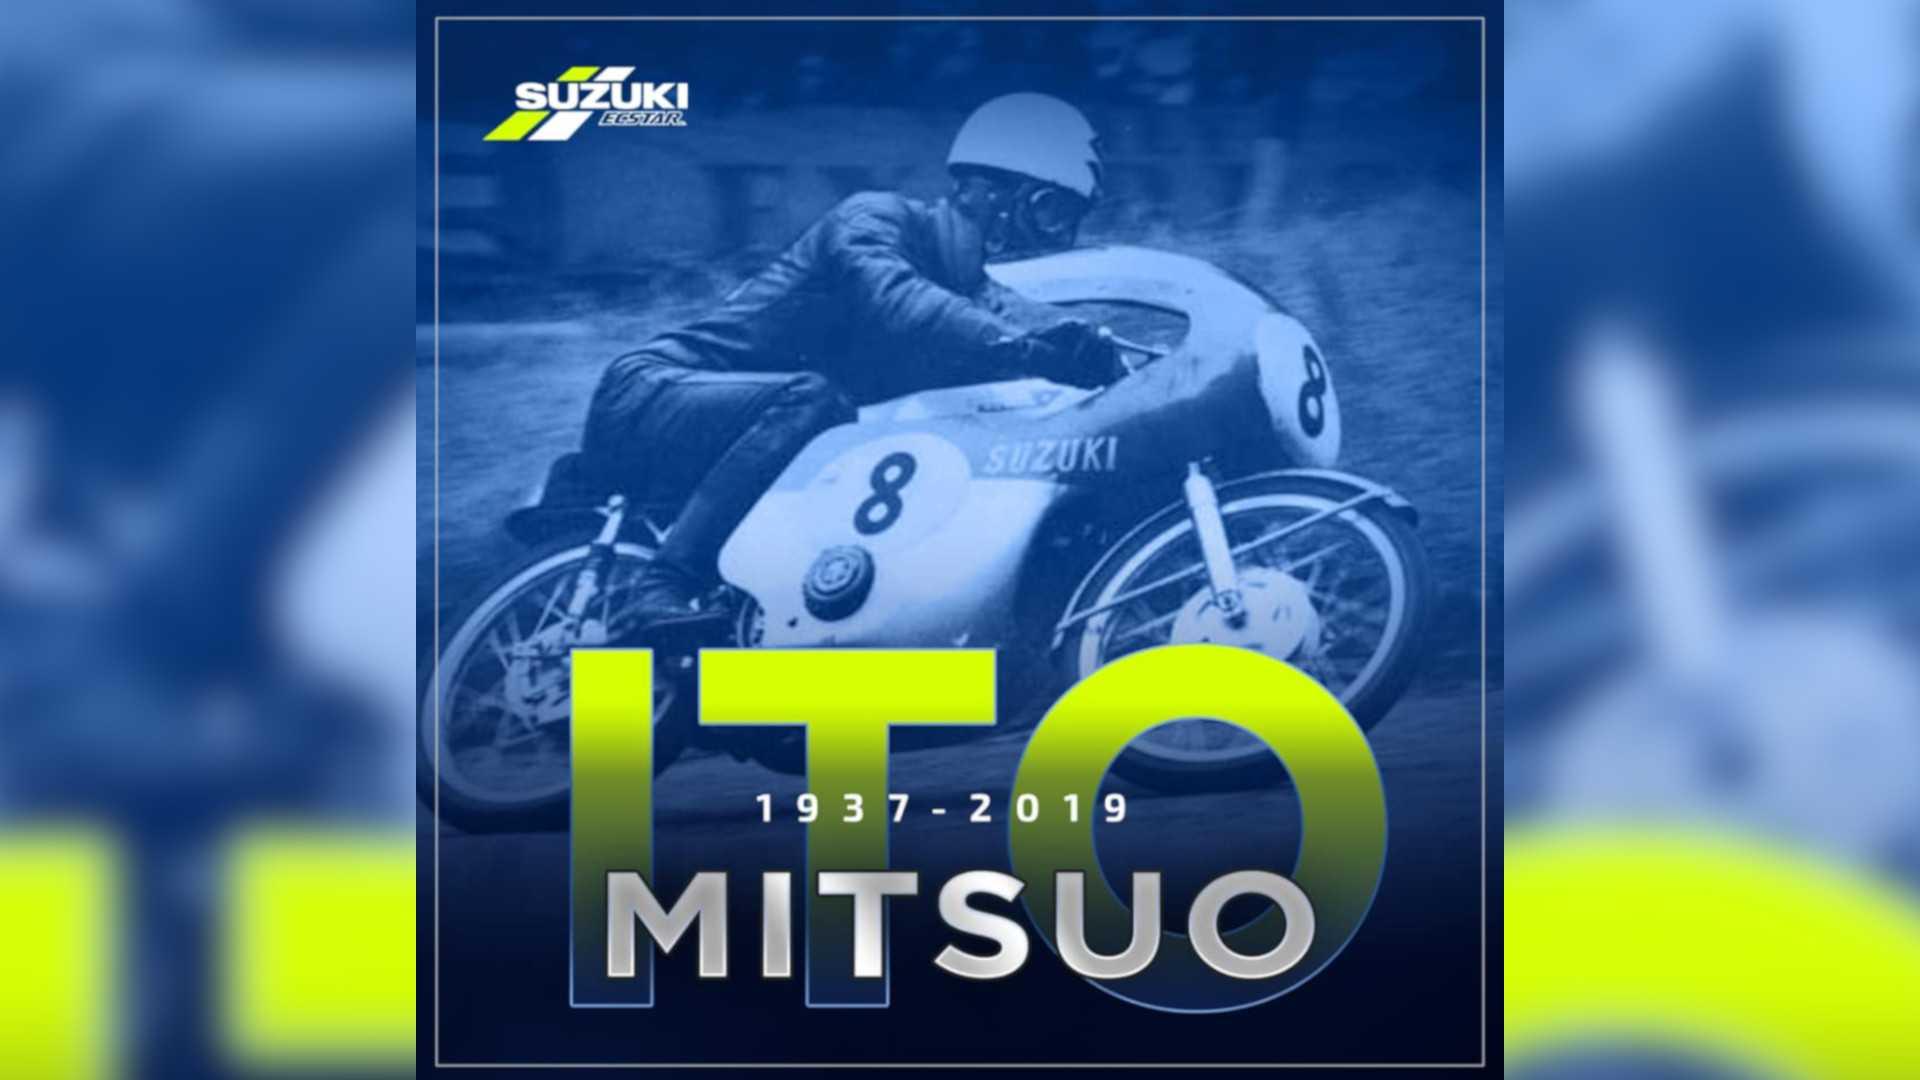 mitsuo-ito-1937-2019-9